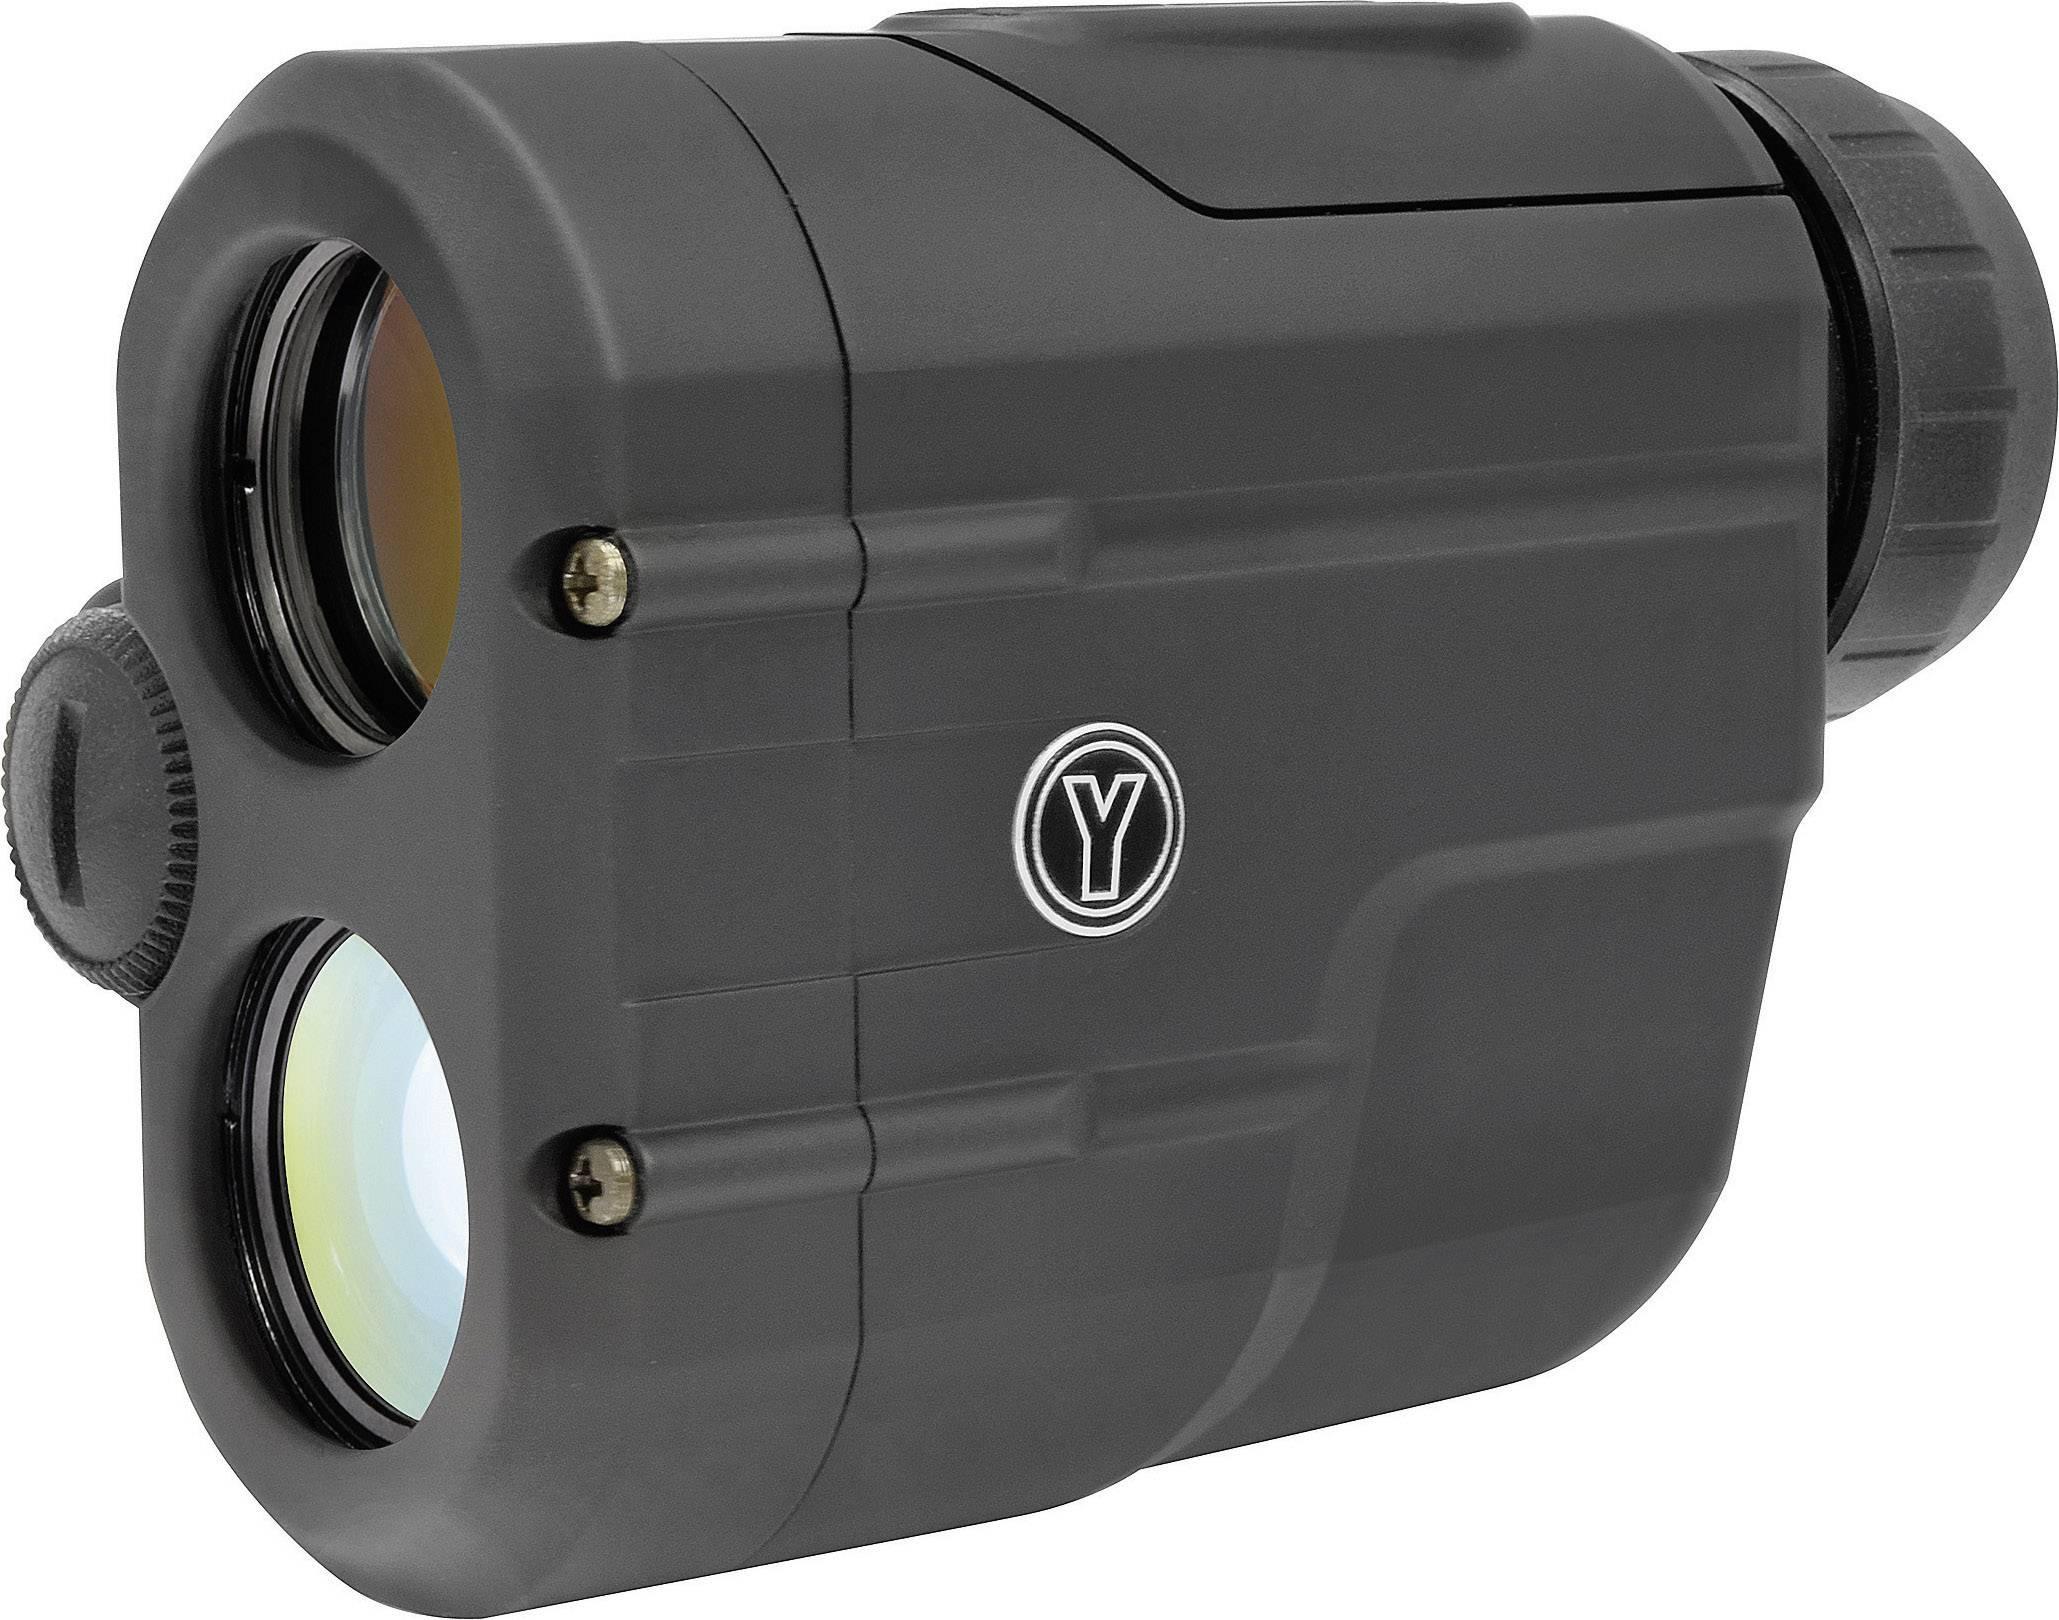 Infrarot Entfernungsmesser : Renkforce rrf nachtsichtgerät mit entfernungsmesser mm kaufen